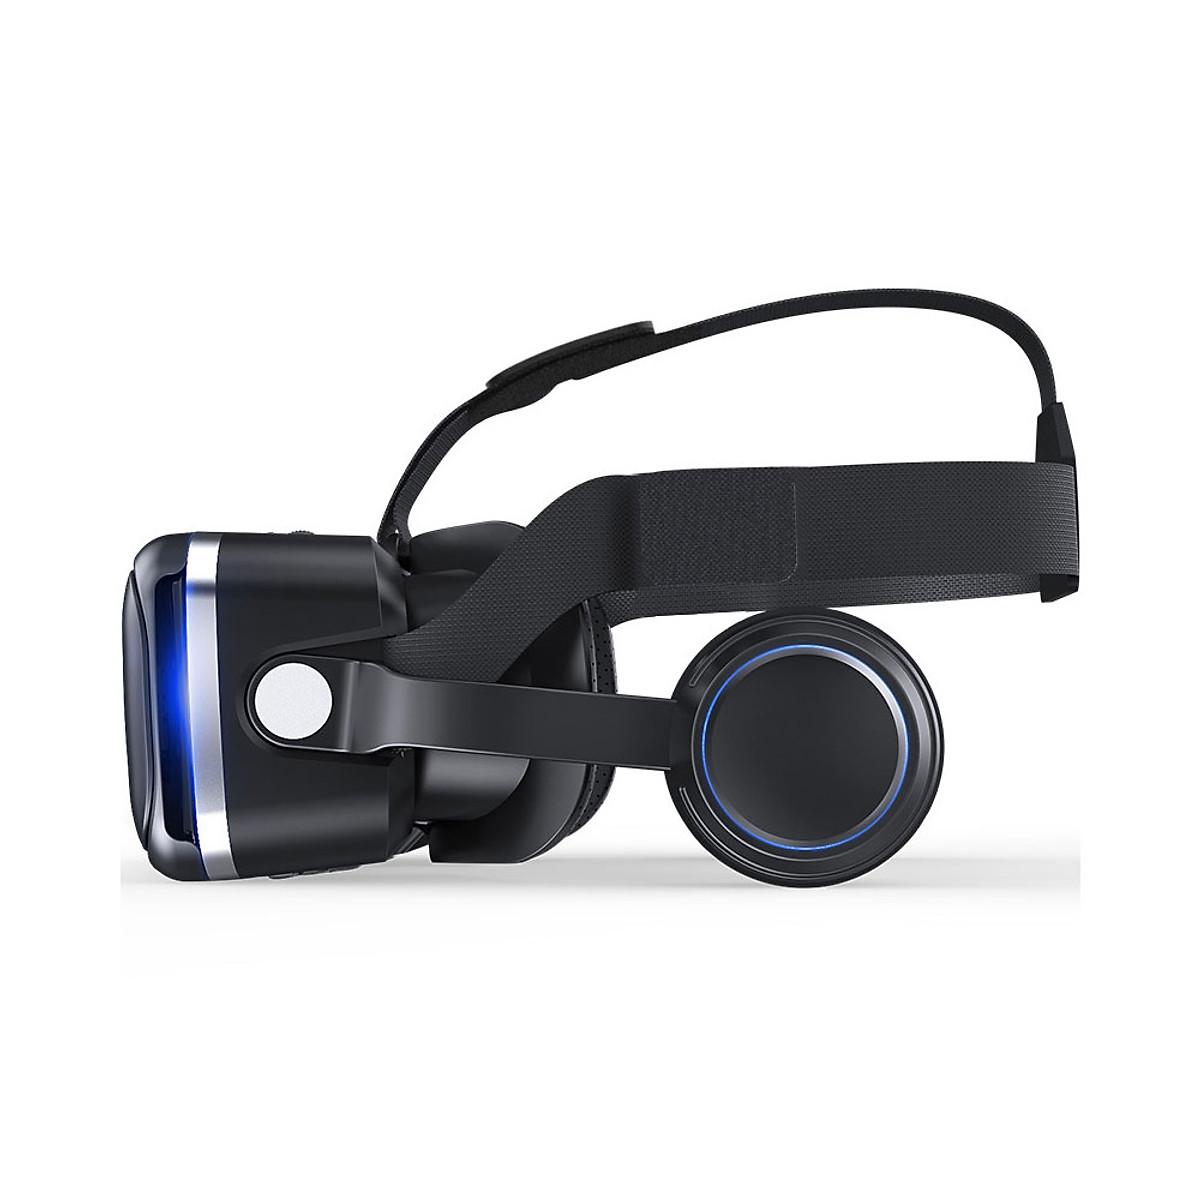 Kính thực tế ảo 3D VR Shinecon G04EA - Phiên bản Hot 2020 ,kính thực tế ảo xem phim, kính thực tế ảo chơi game - Hàng nhập khẩu